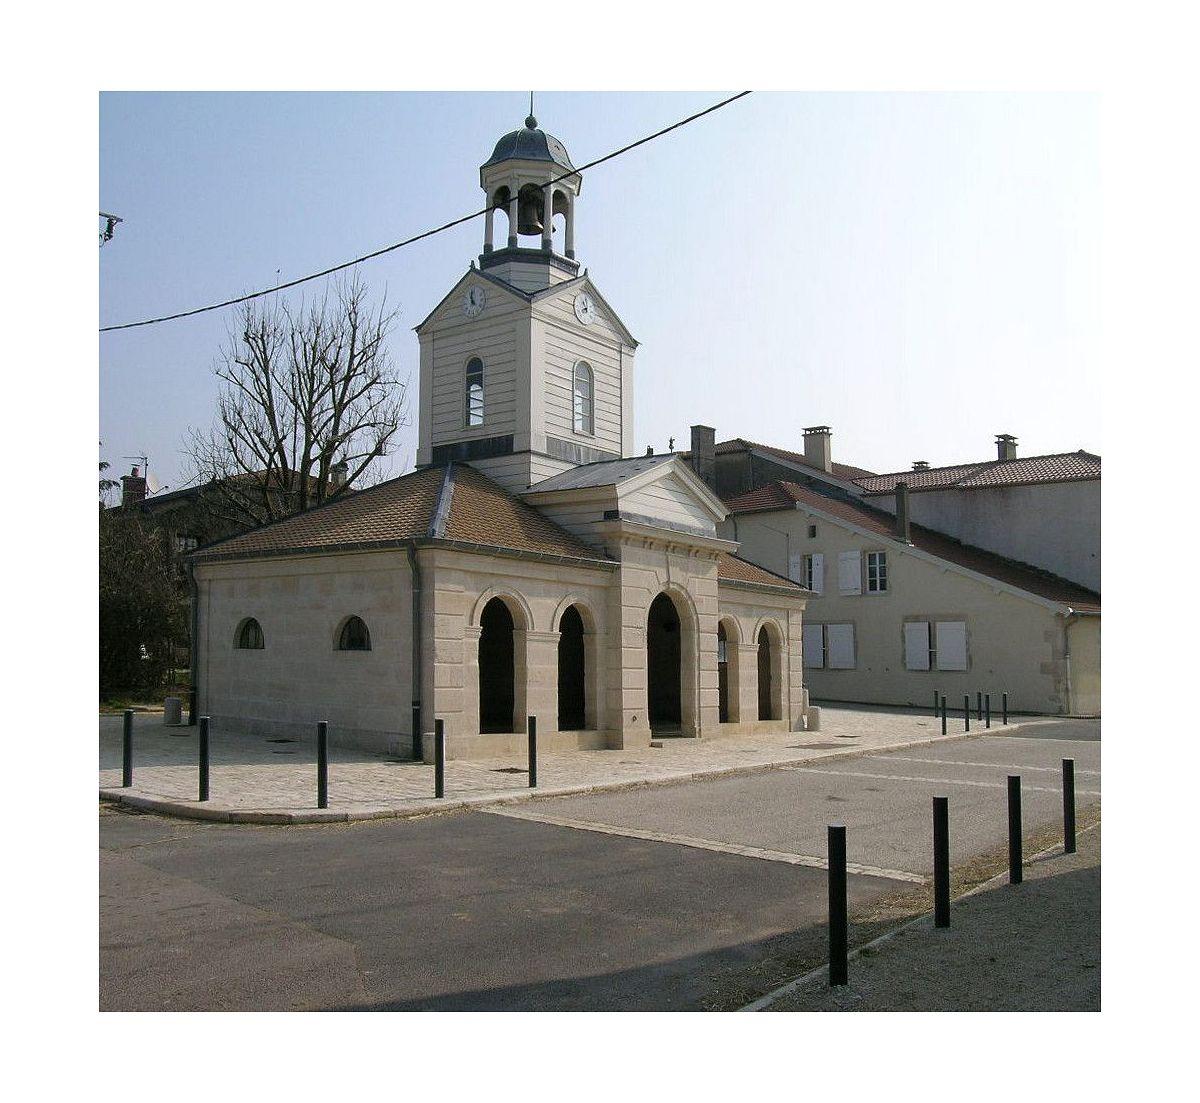 Echenay - Lavoir (Tour-horloge) (52) [1]